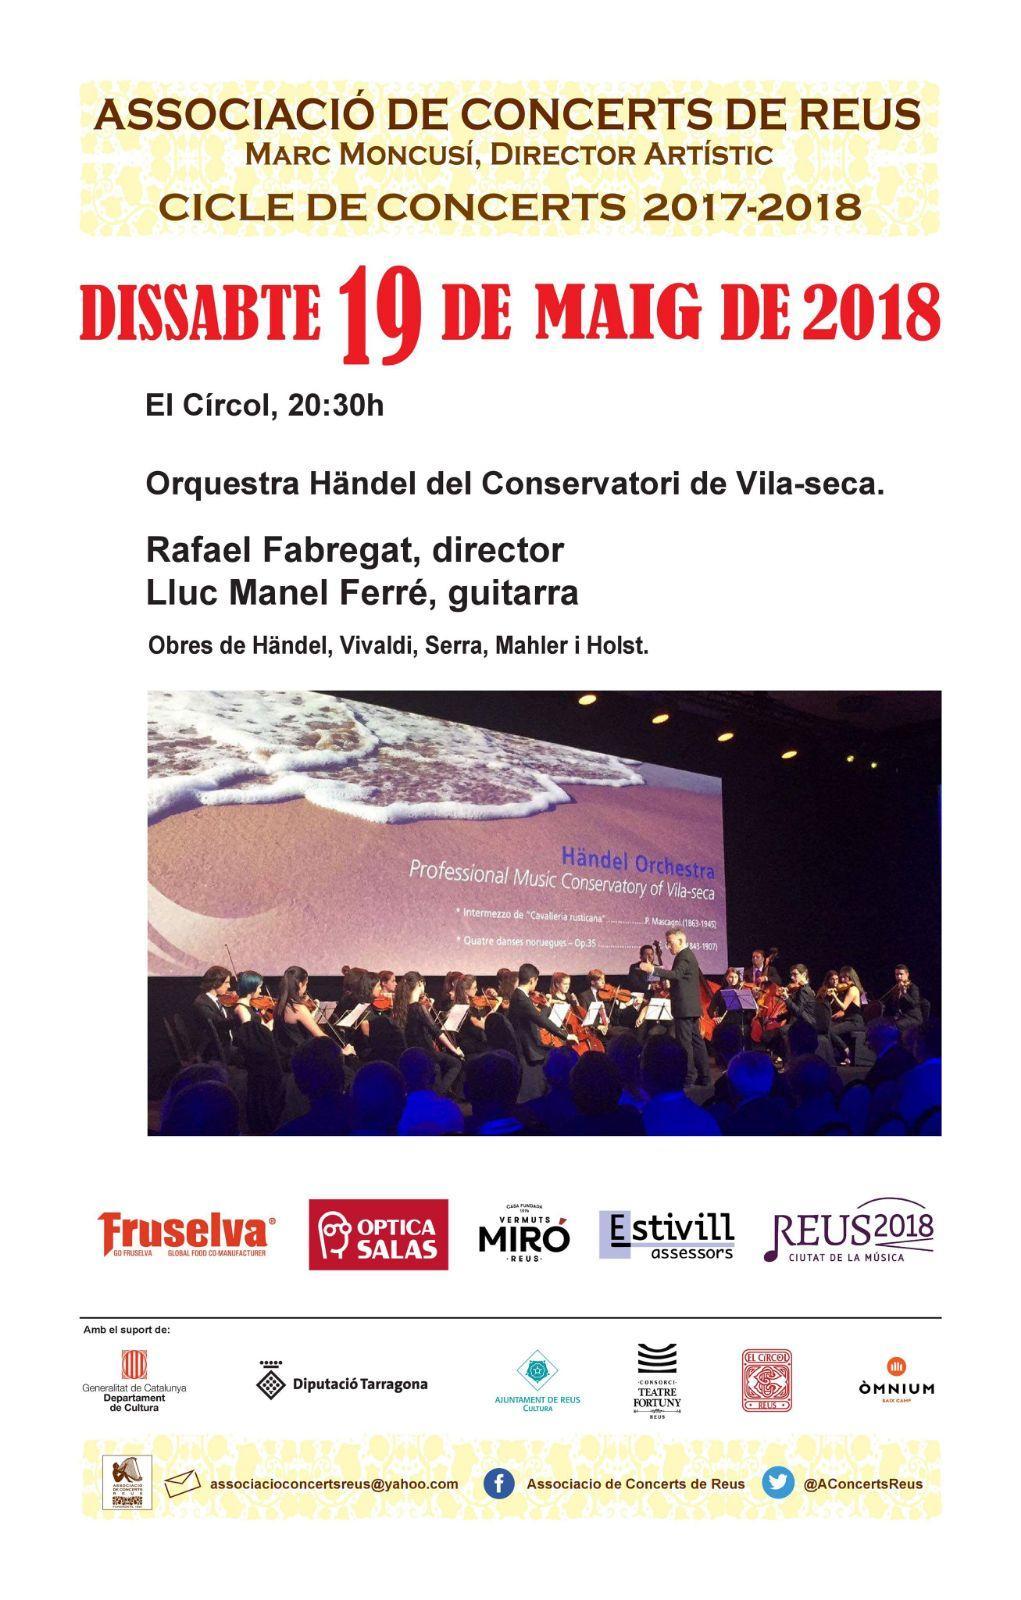 Concert de l'Orquestra Händel del Conservatori de Vila-seca